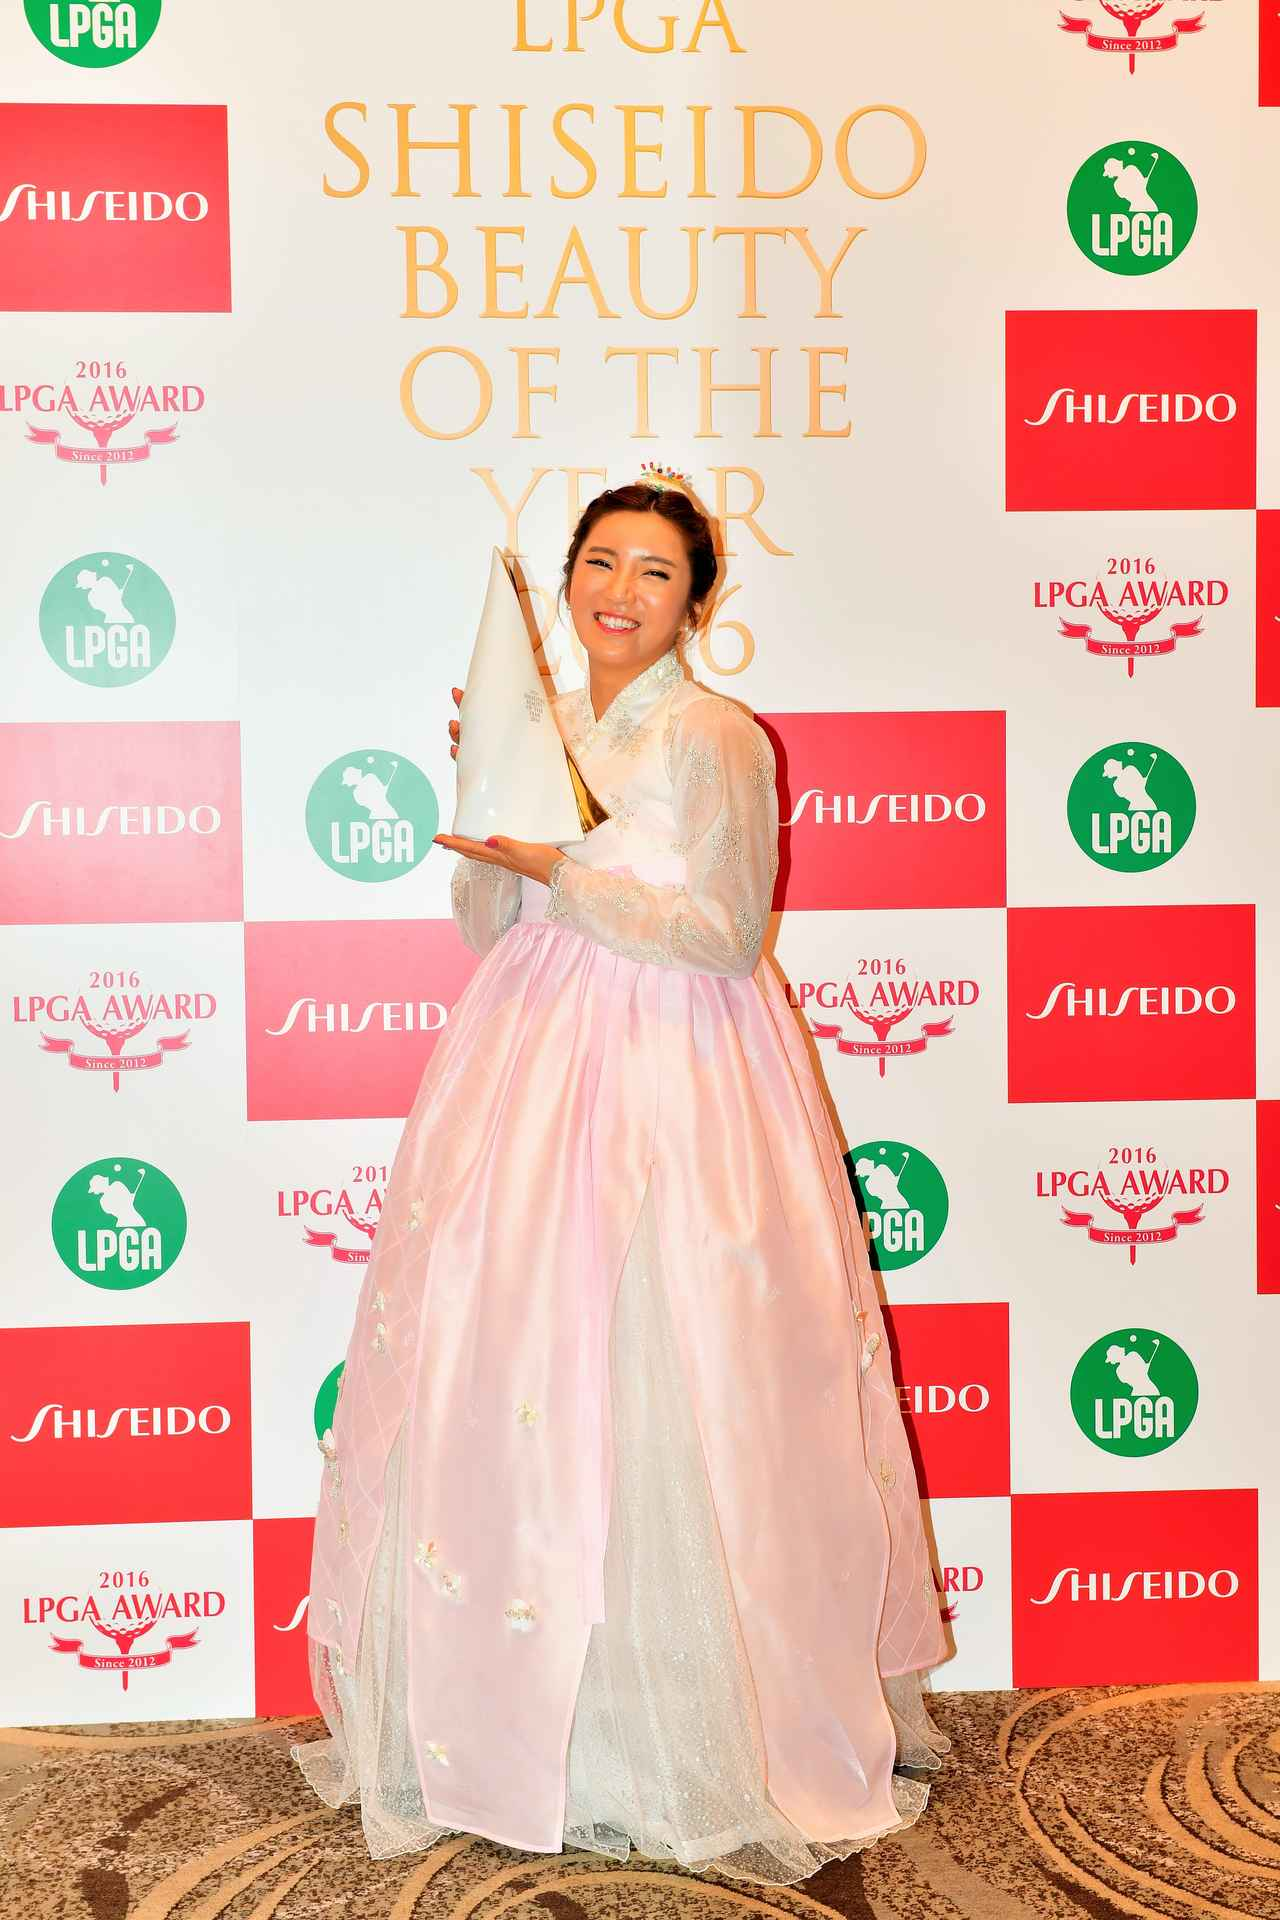 画像: 今年から新設された「LPGA SHISEIDO Beauty of the Year」では、もっとも美しいプレーヤーの座に